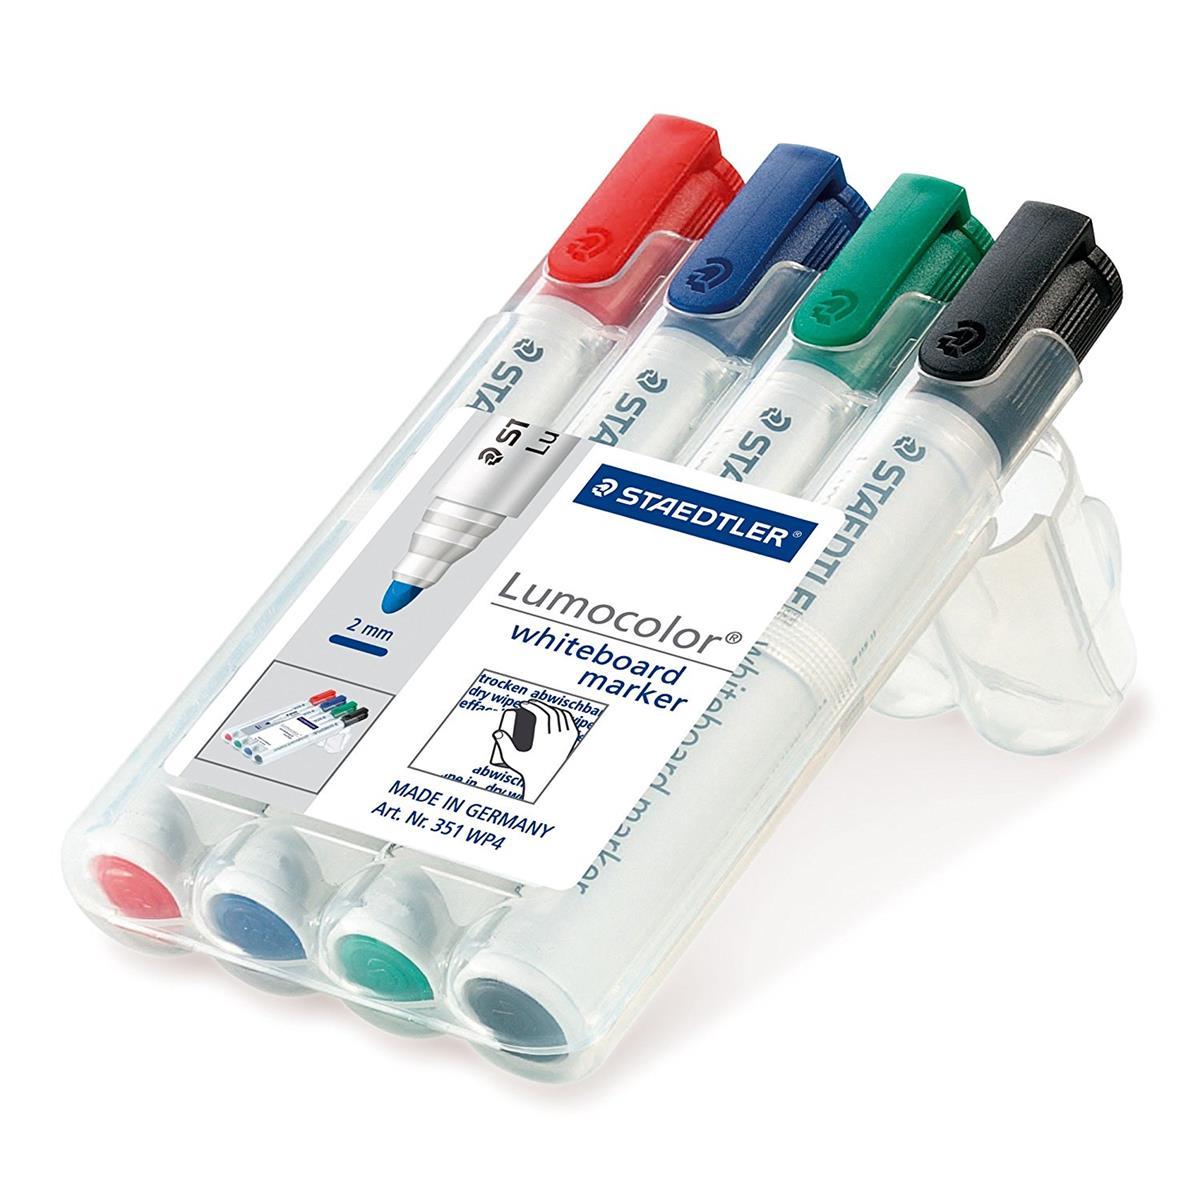 Image for Staedtler 351 White Board Marker Pen Locked Tip 2mm Line Assorted Ref 351 WP4 [Wallet 4]